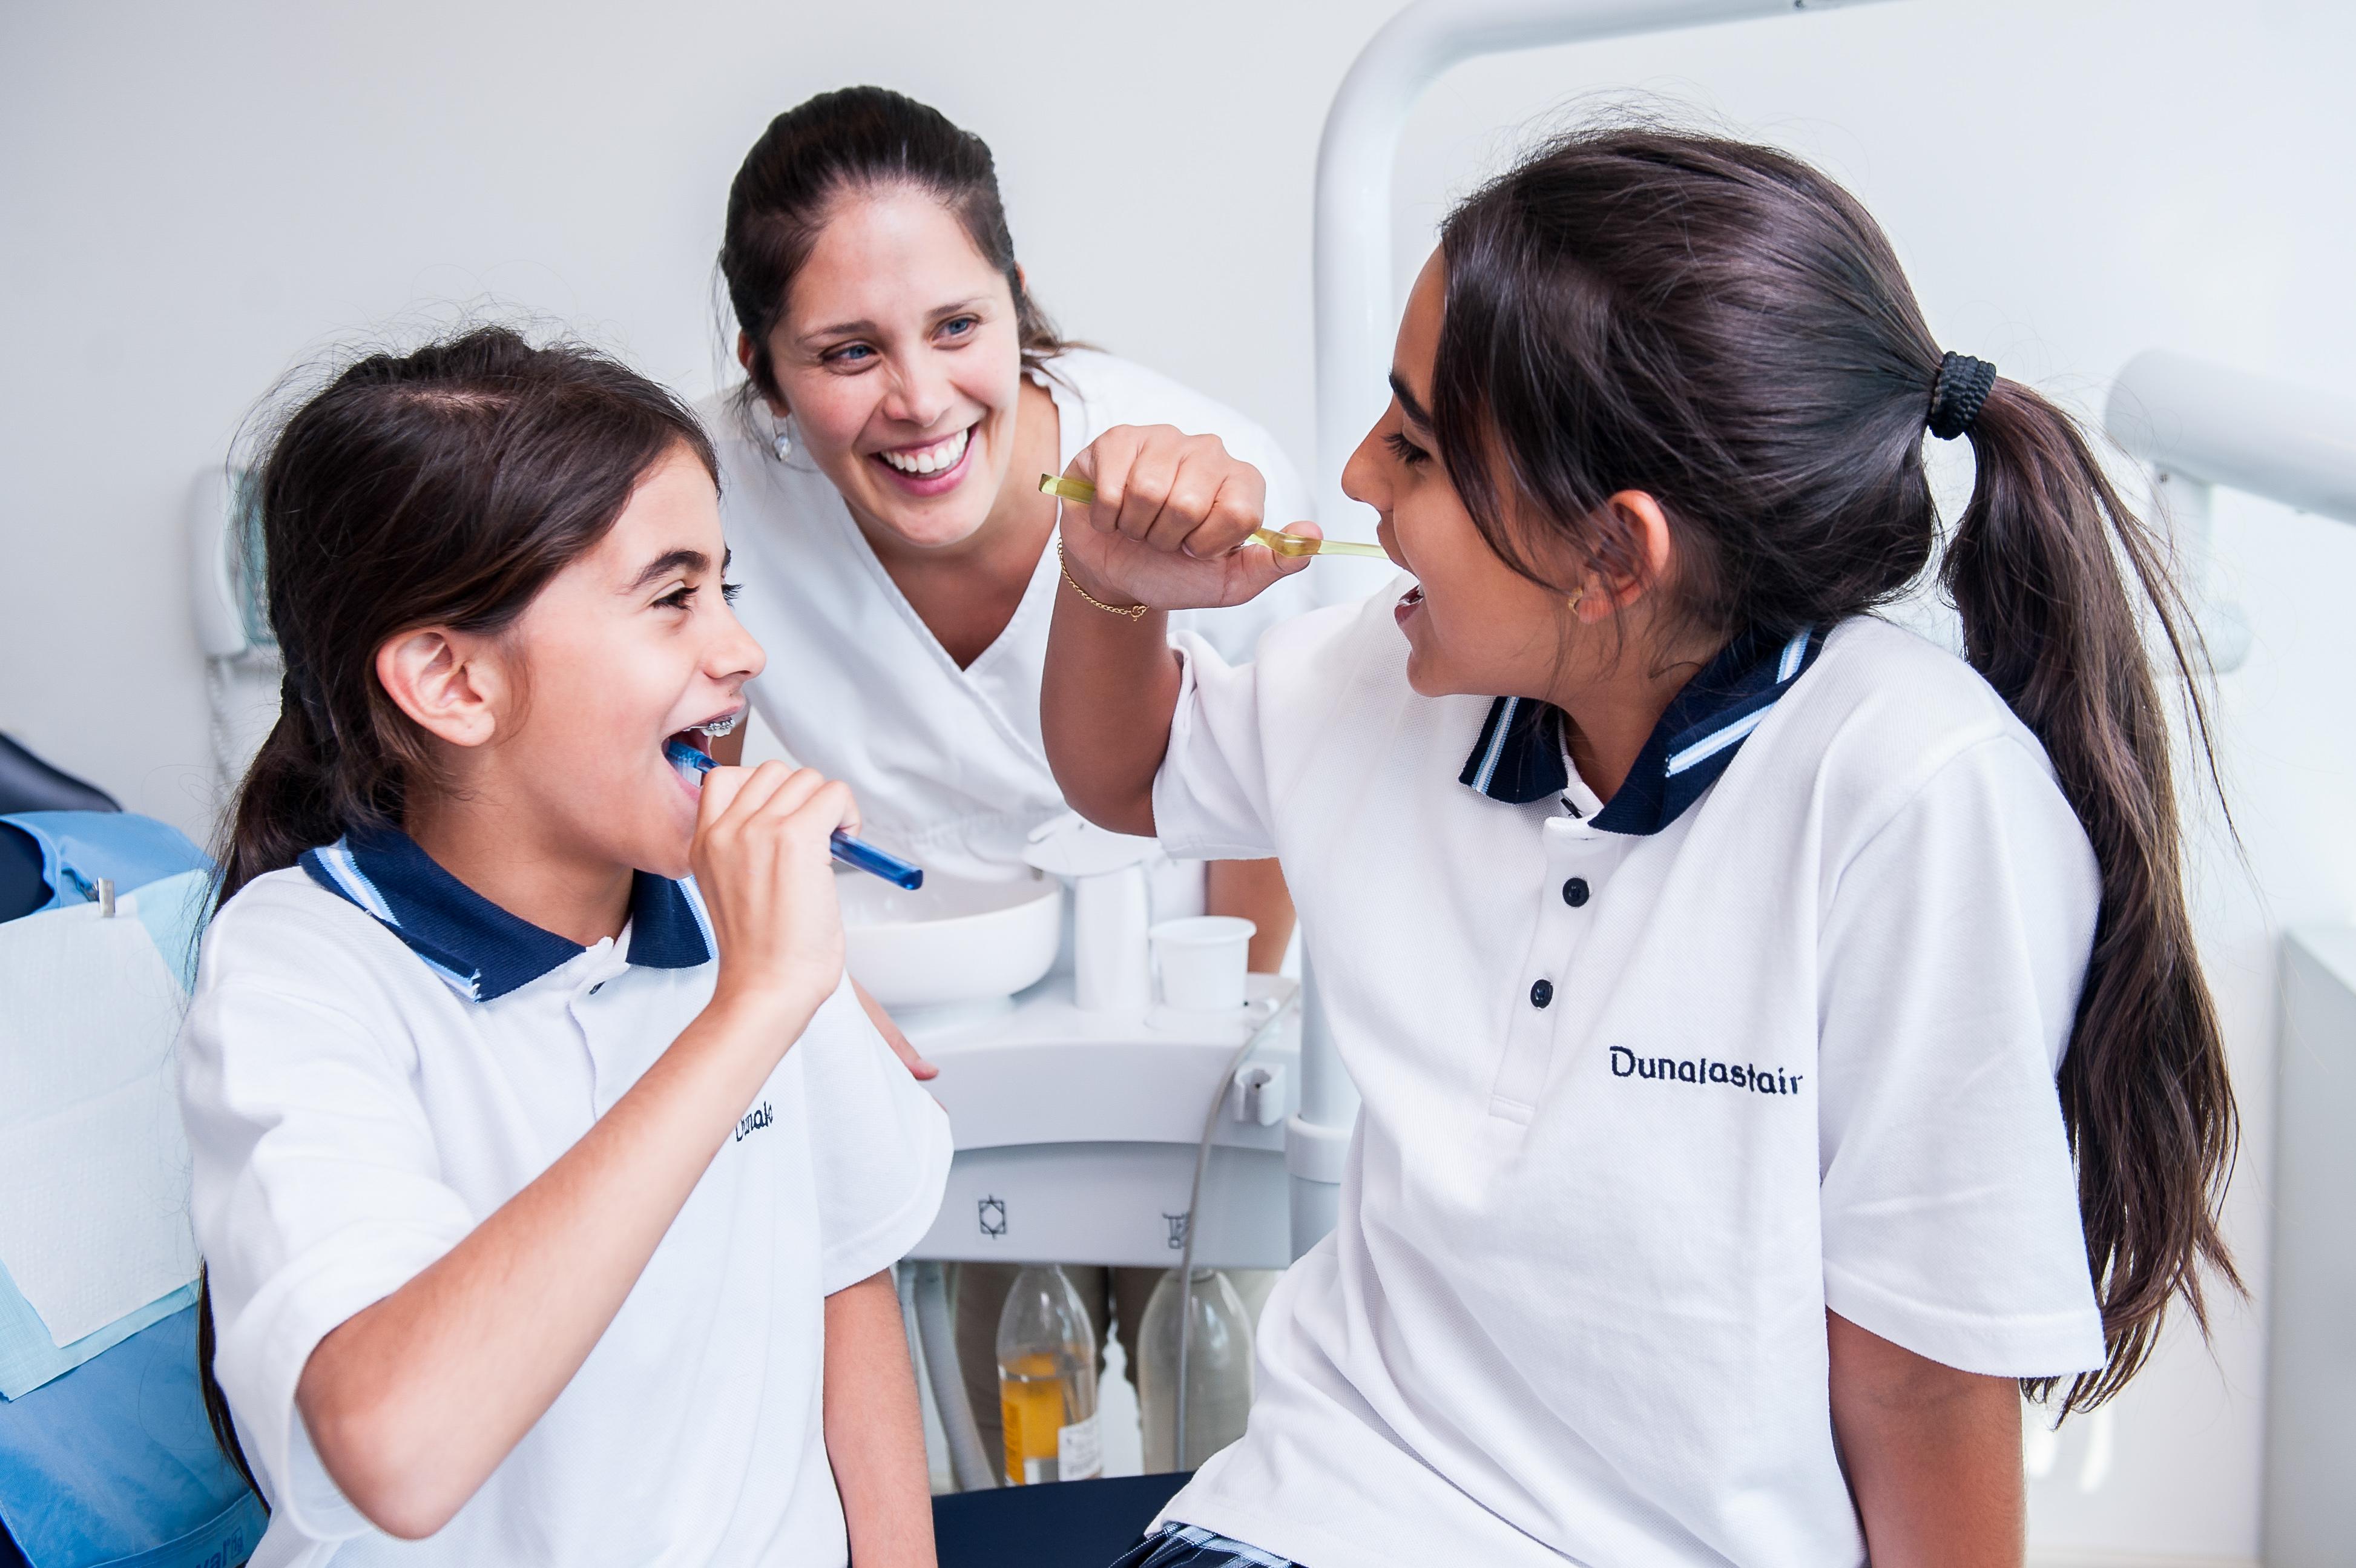 ¿Cómo mantener una buena higiene bucal?